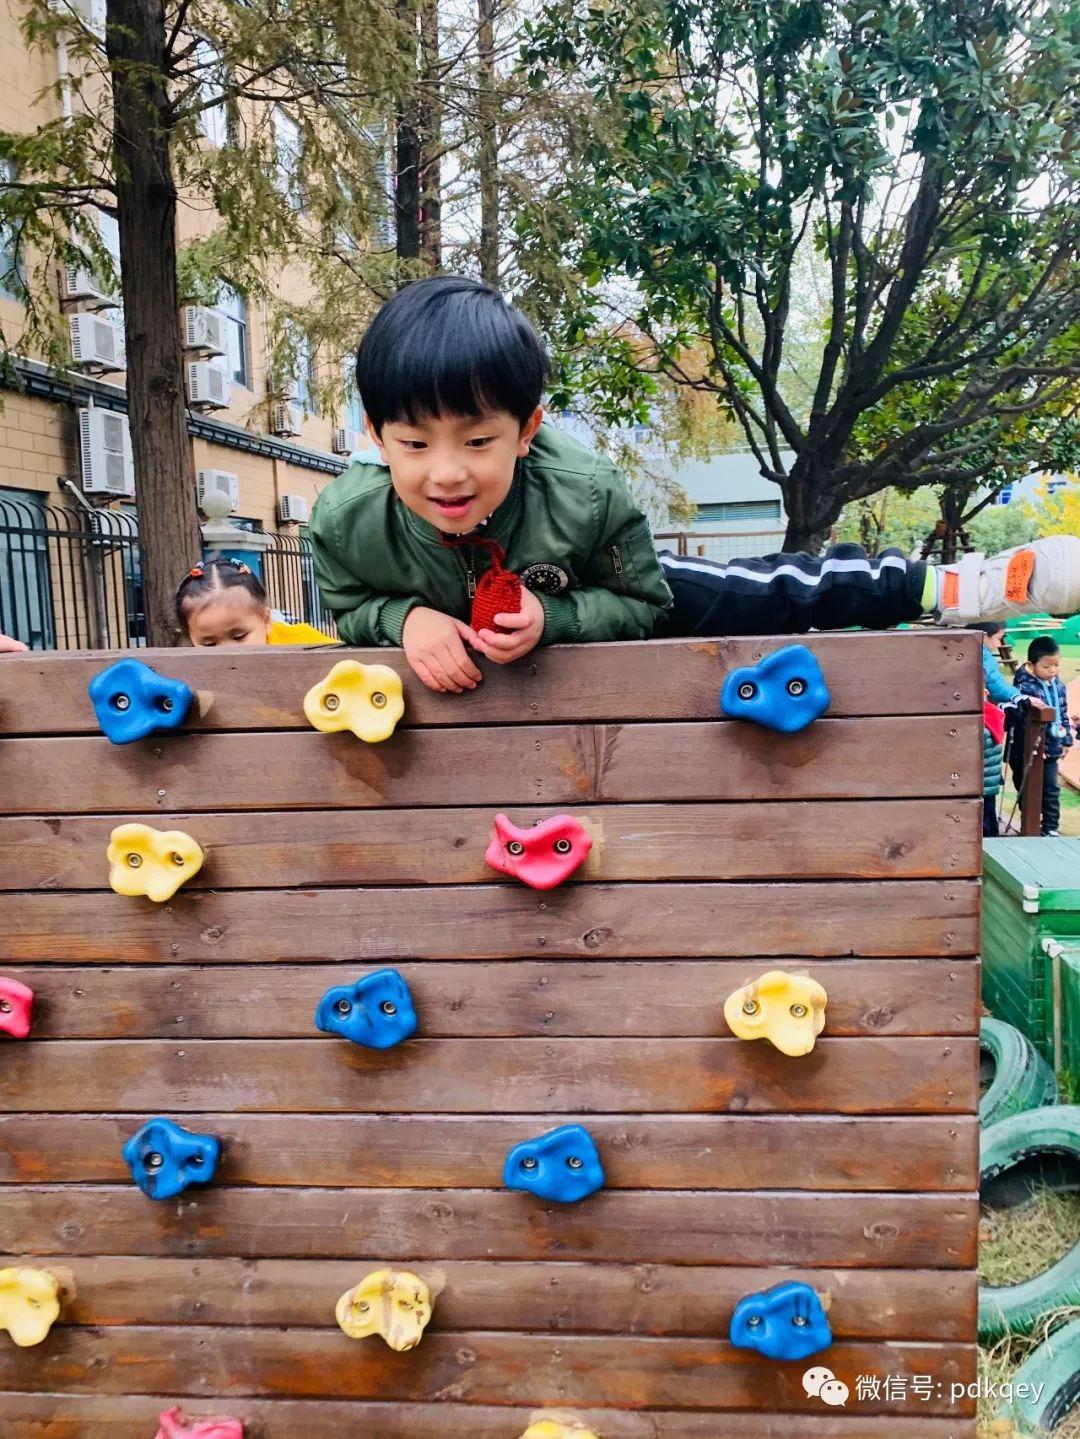 精彩校园 学会感恩,与爱同行 康桥第二幼儿园感恩节主题活动花絮图片